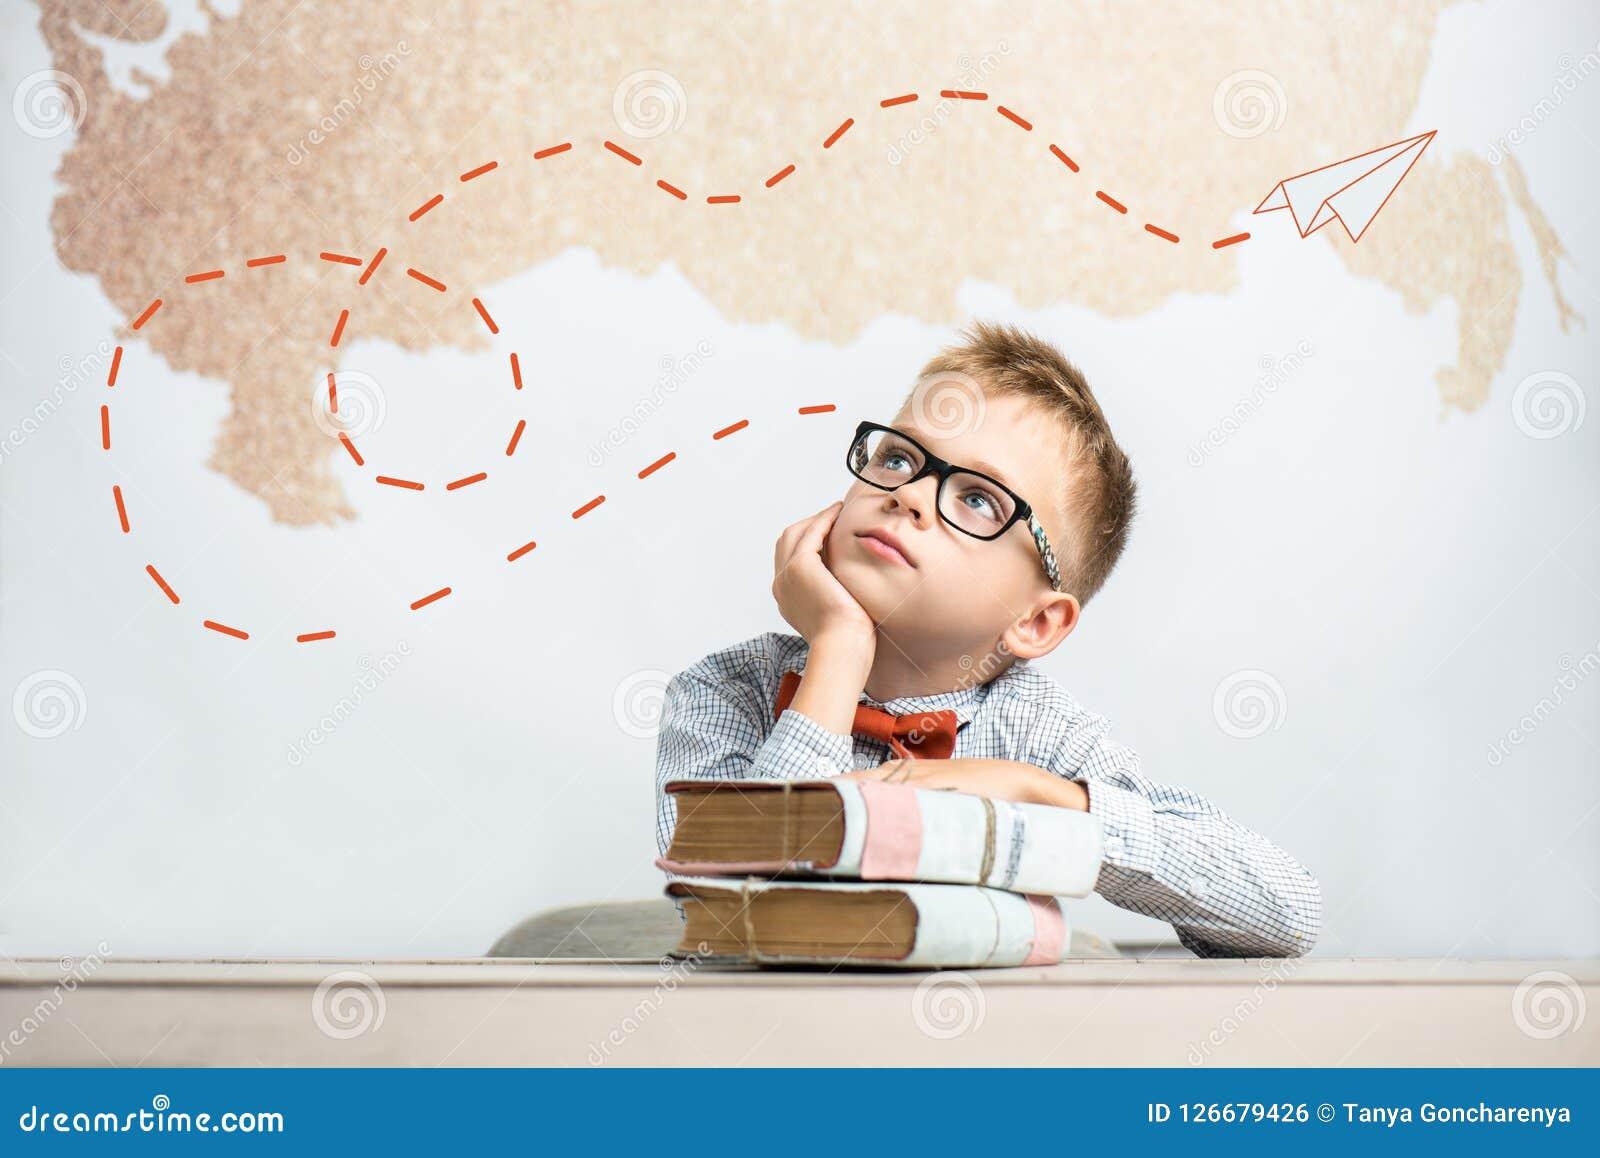 Ein durchdachter Schüler sitzt an einem Schreibtisch mit Büchern